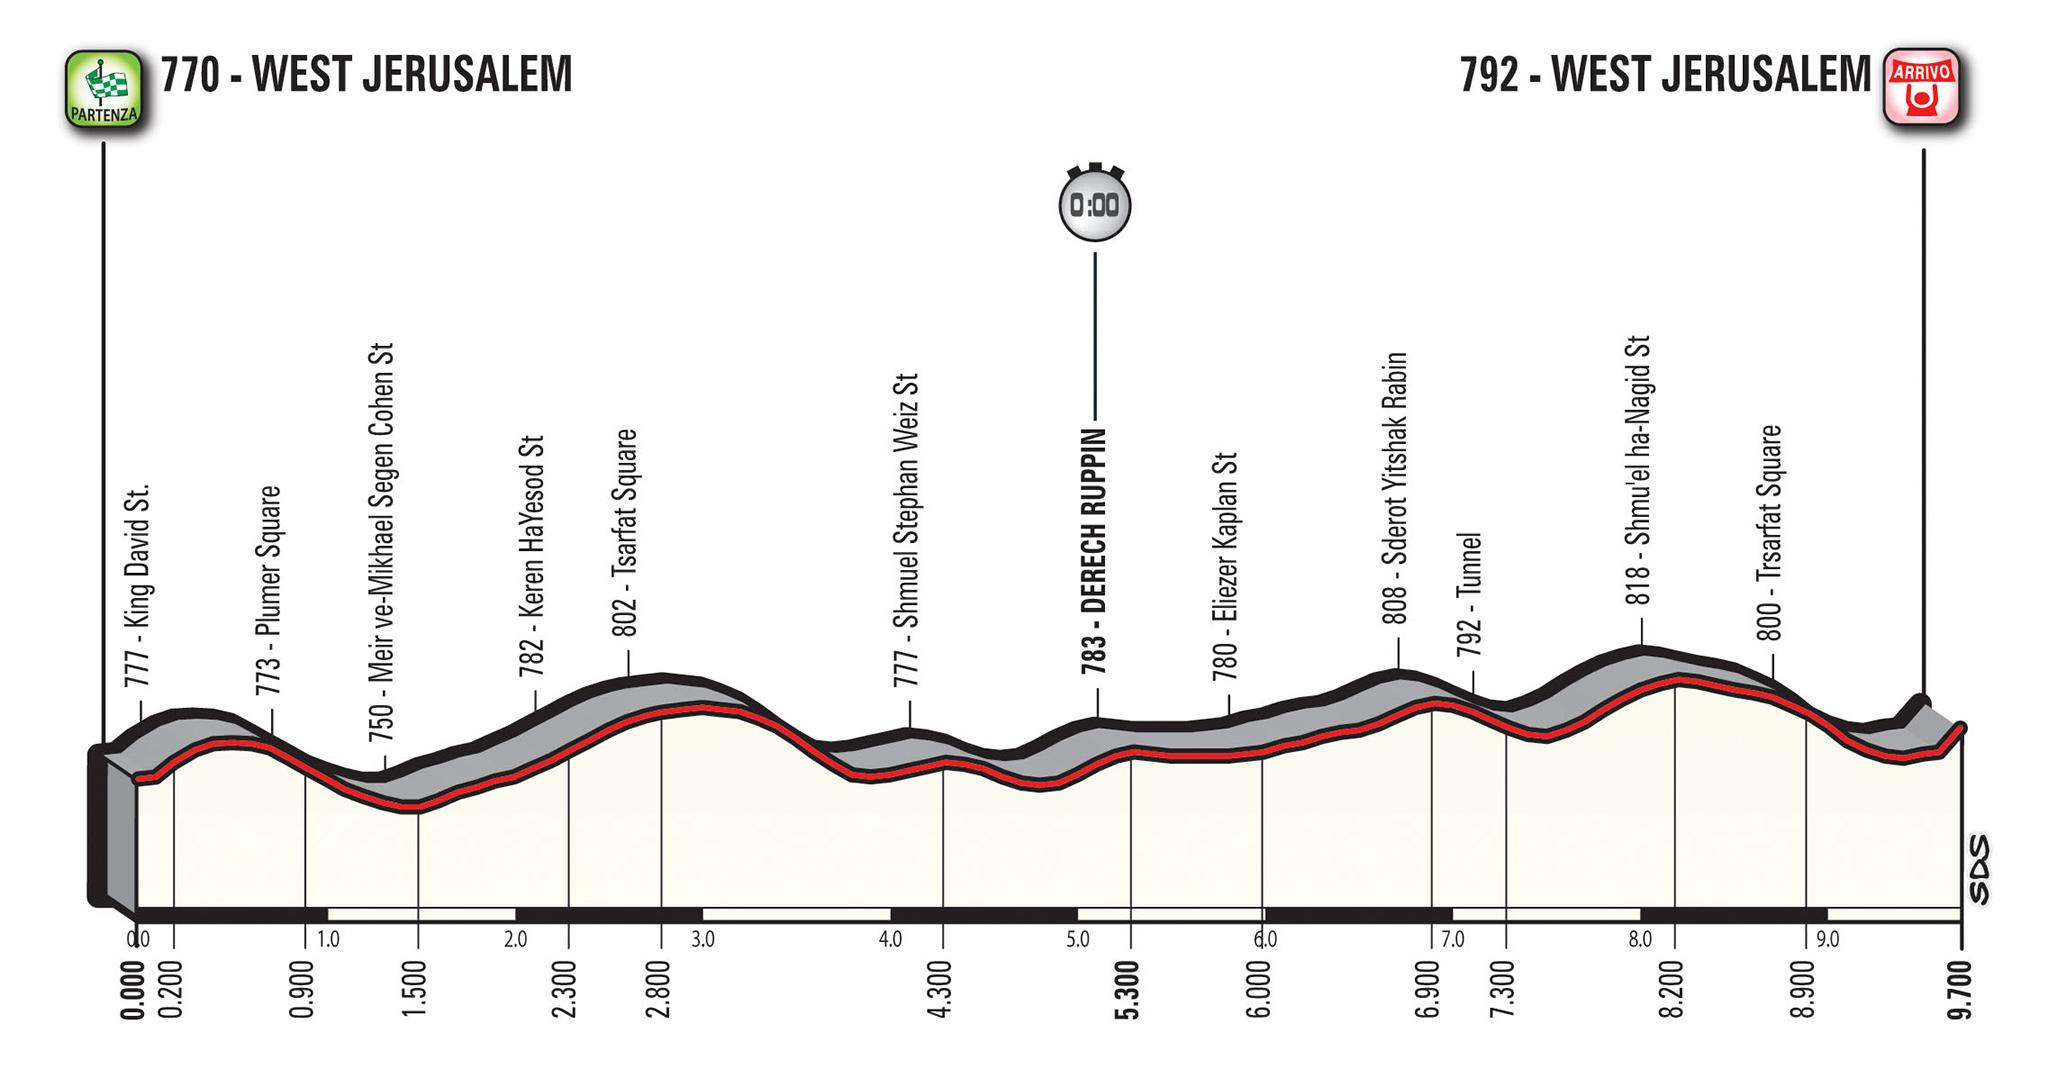 Giro d'Italia tappe 2018: percorso e altimetria della prima settimana